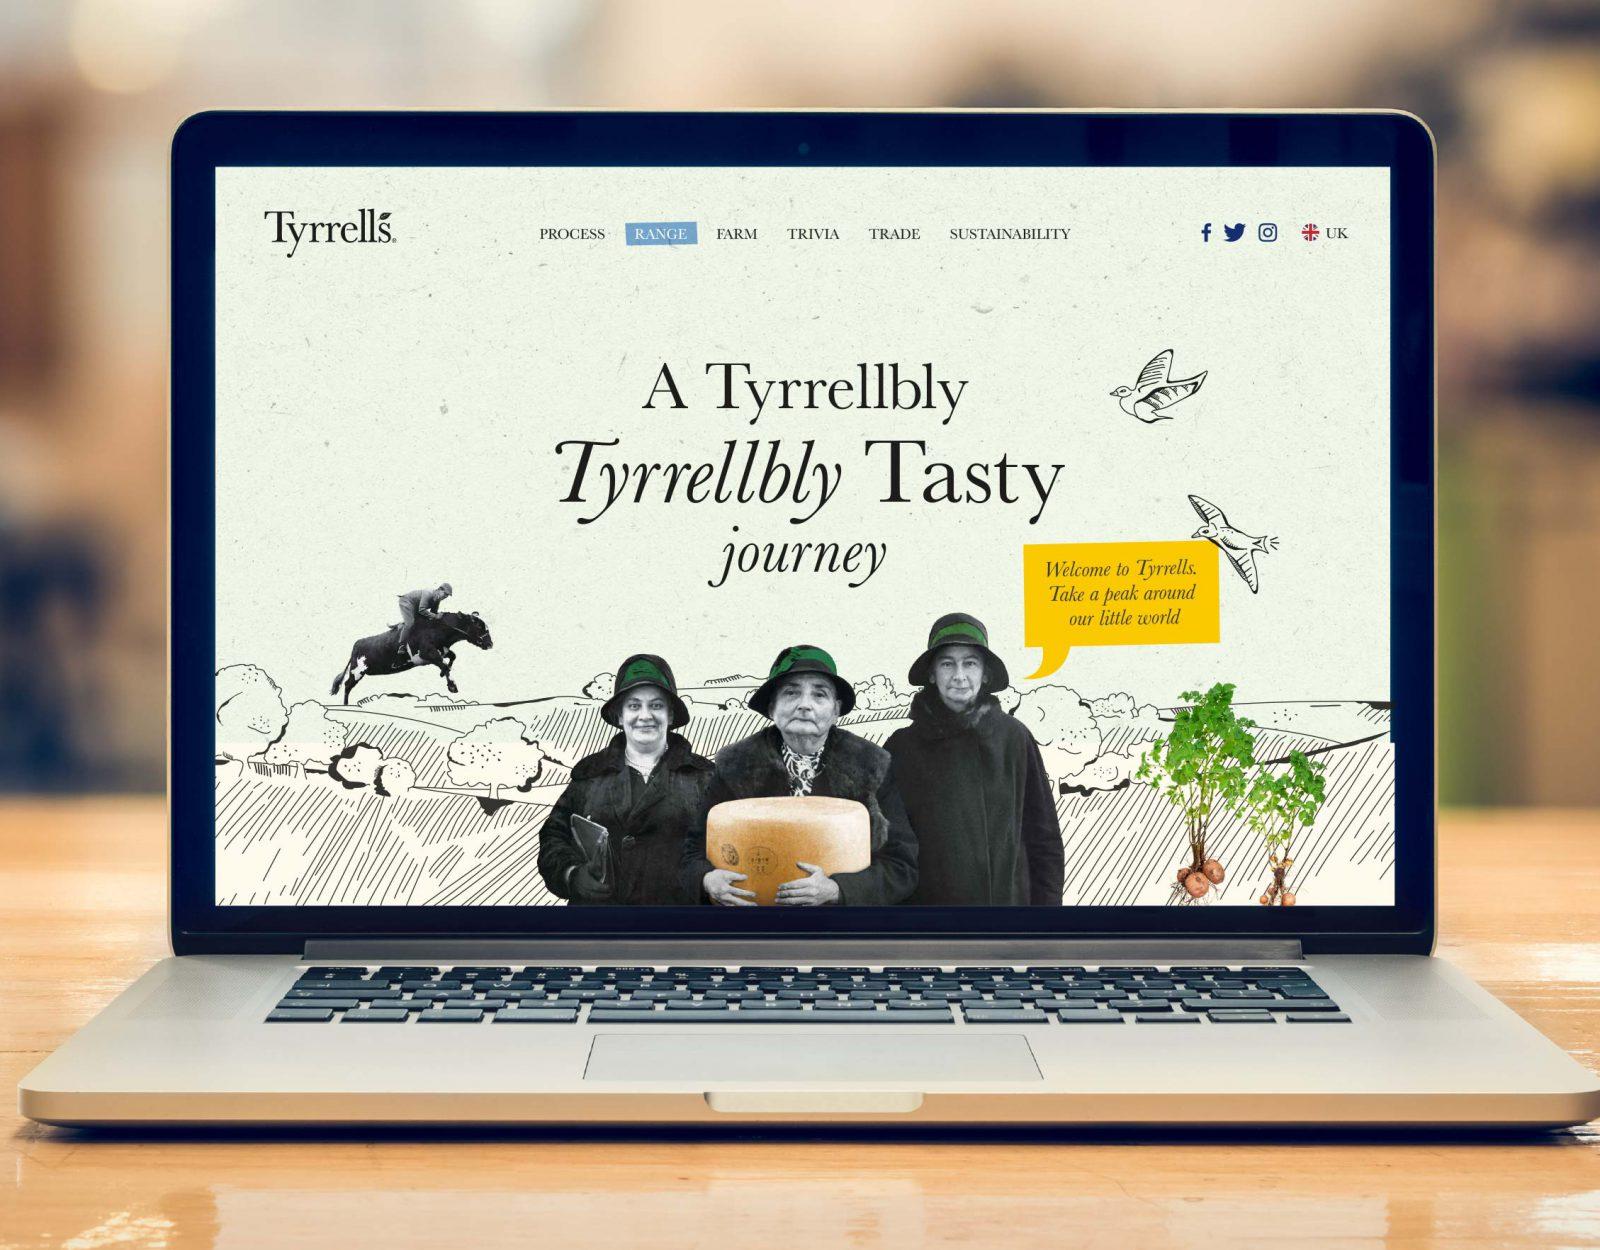 Tyrrells website